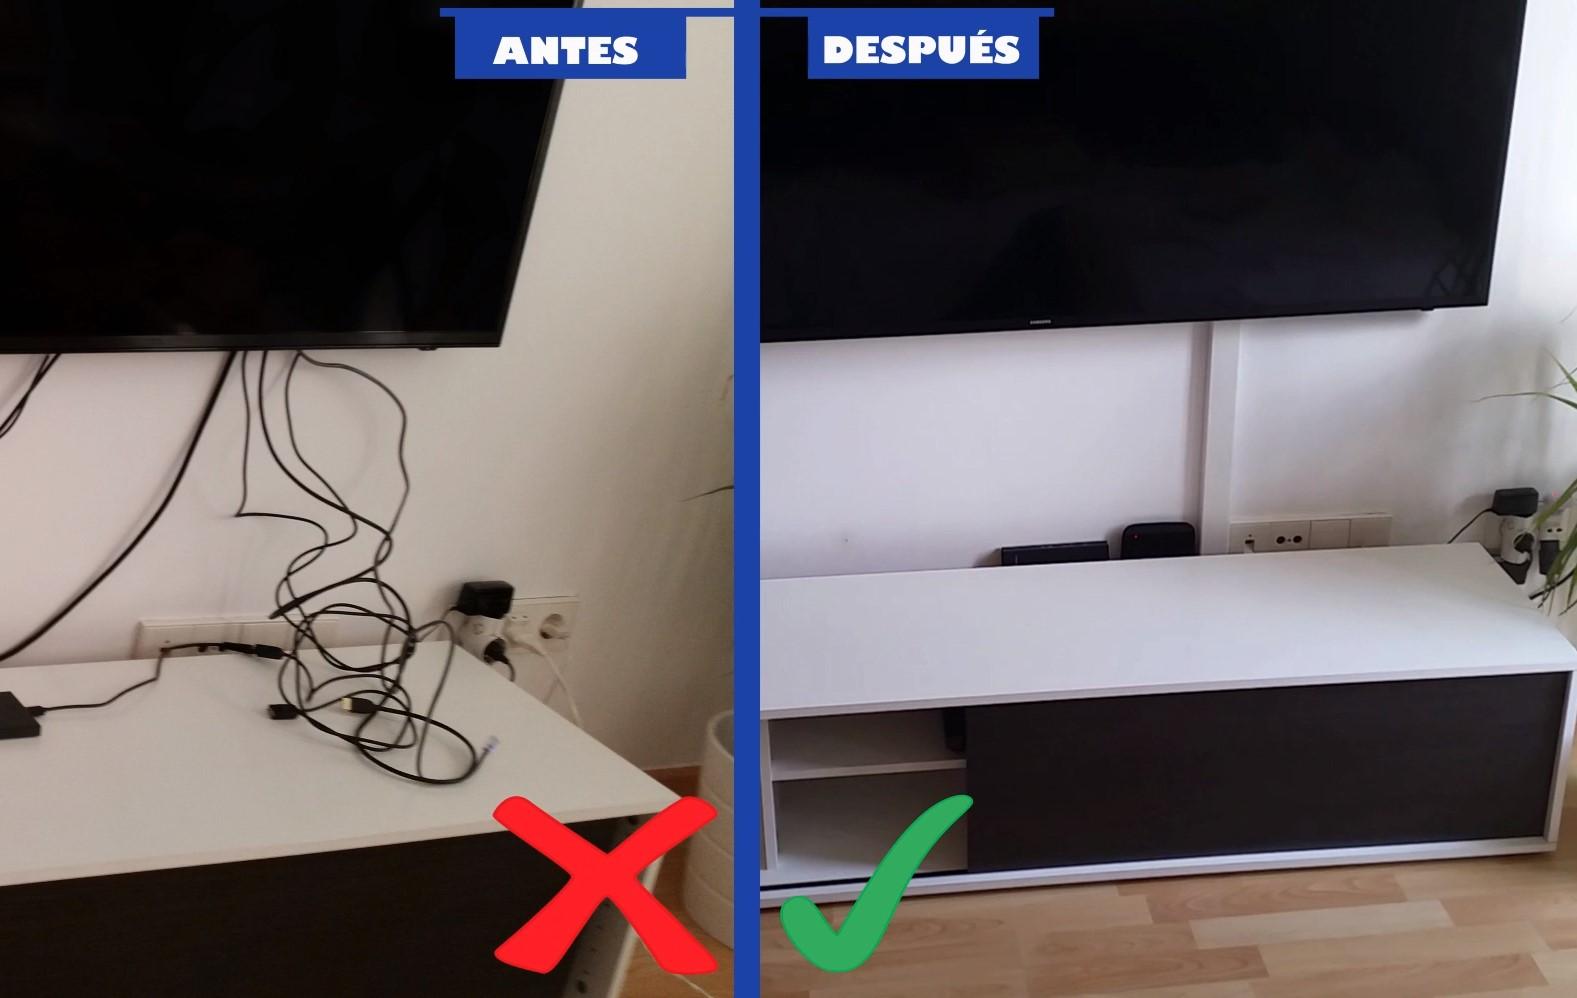 En un par de minutos esconda el desorden de cables del televisor